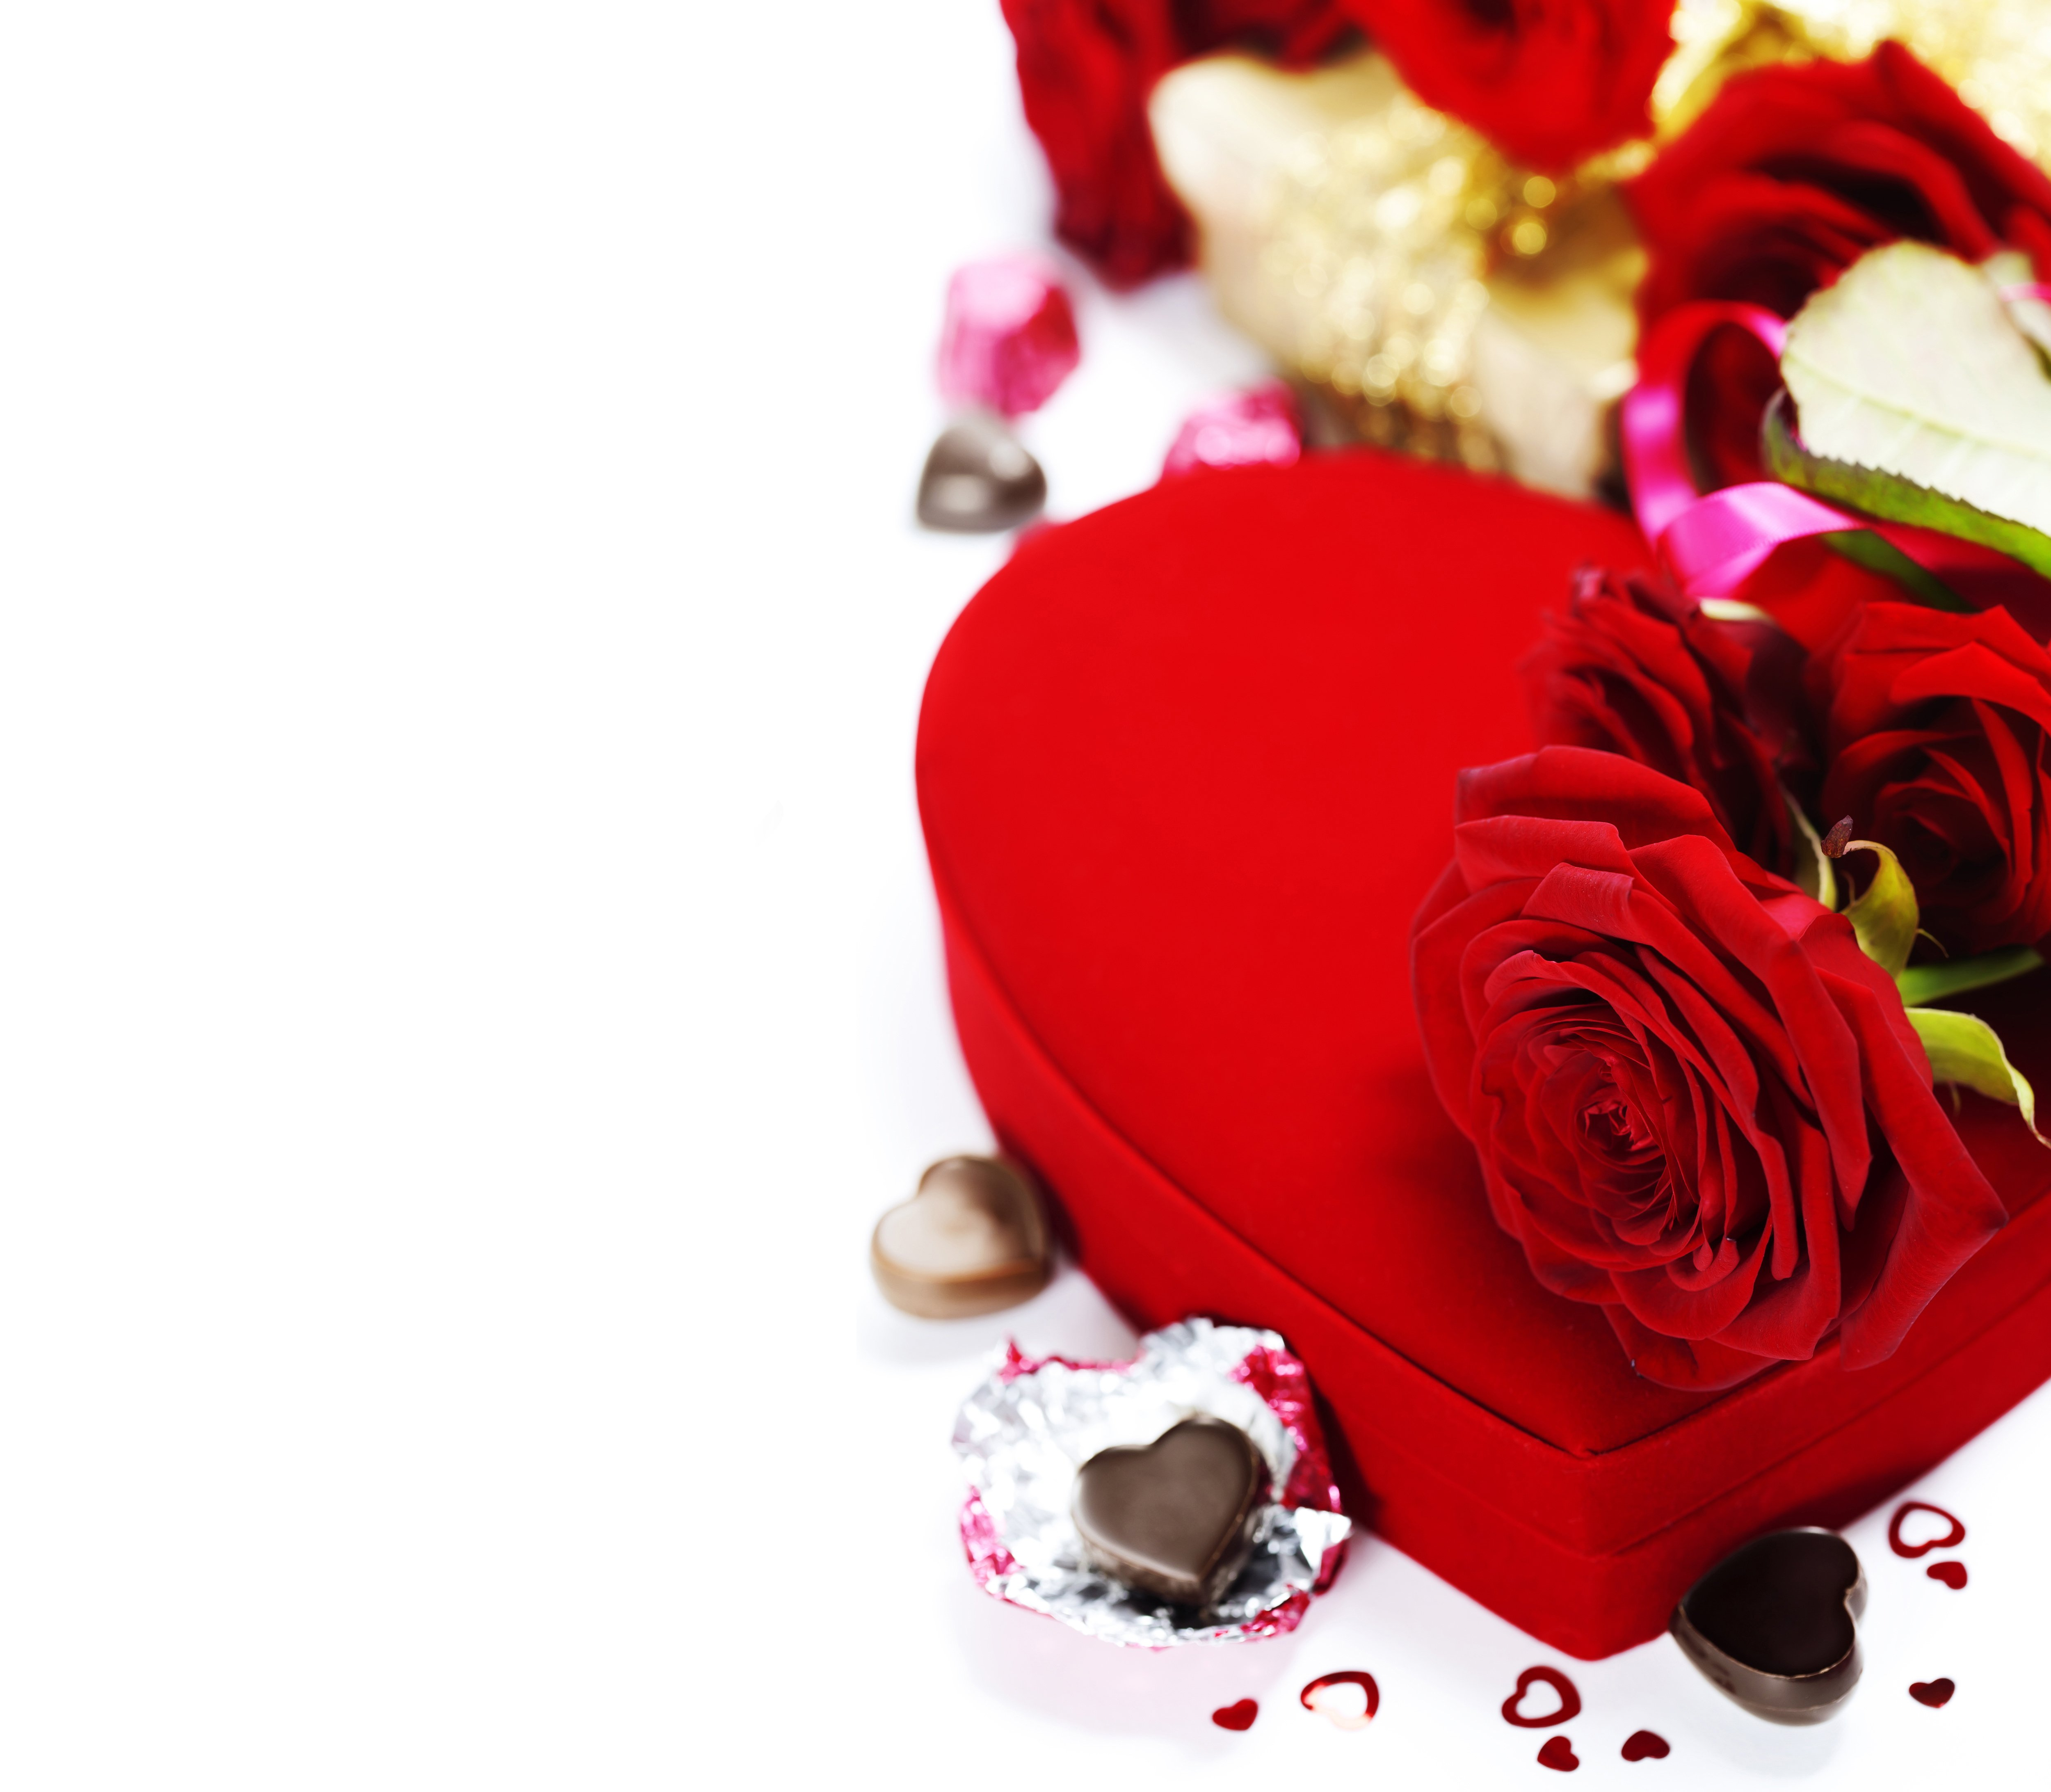 С Днем Сердца открытка - Любовь и романтика - Анимационные блестящие 98